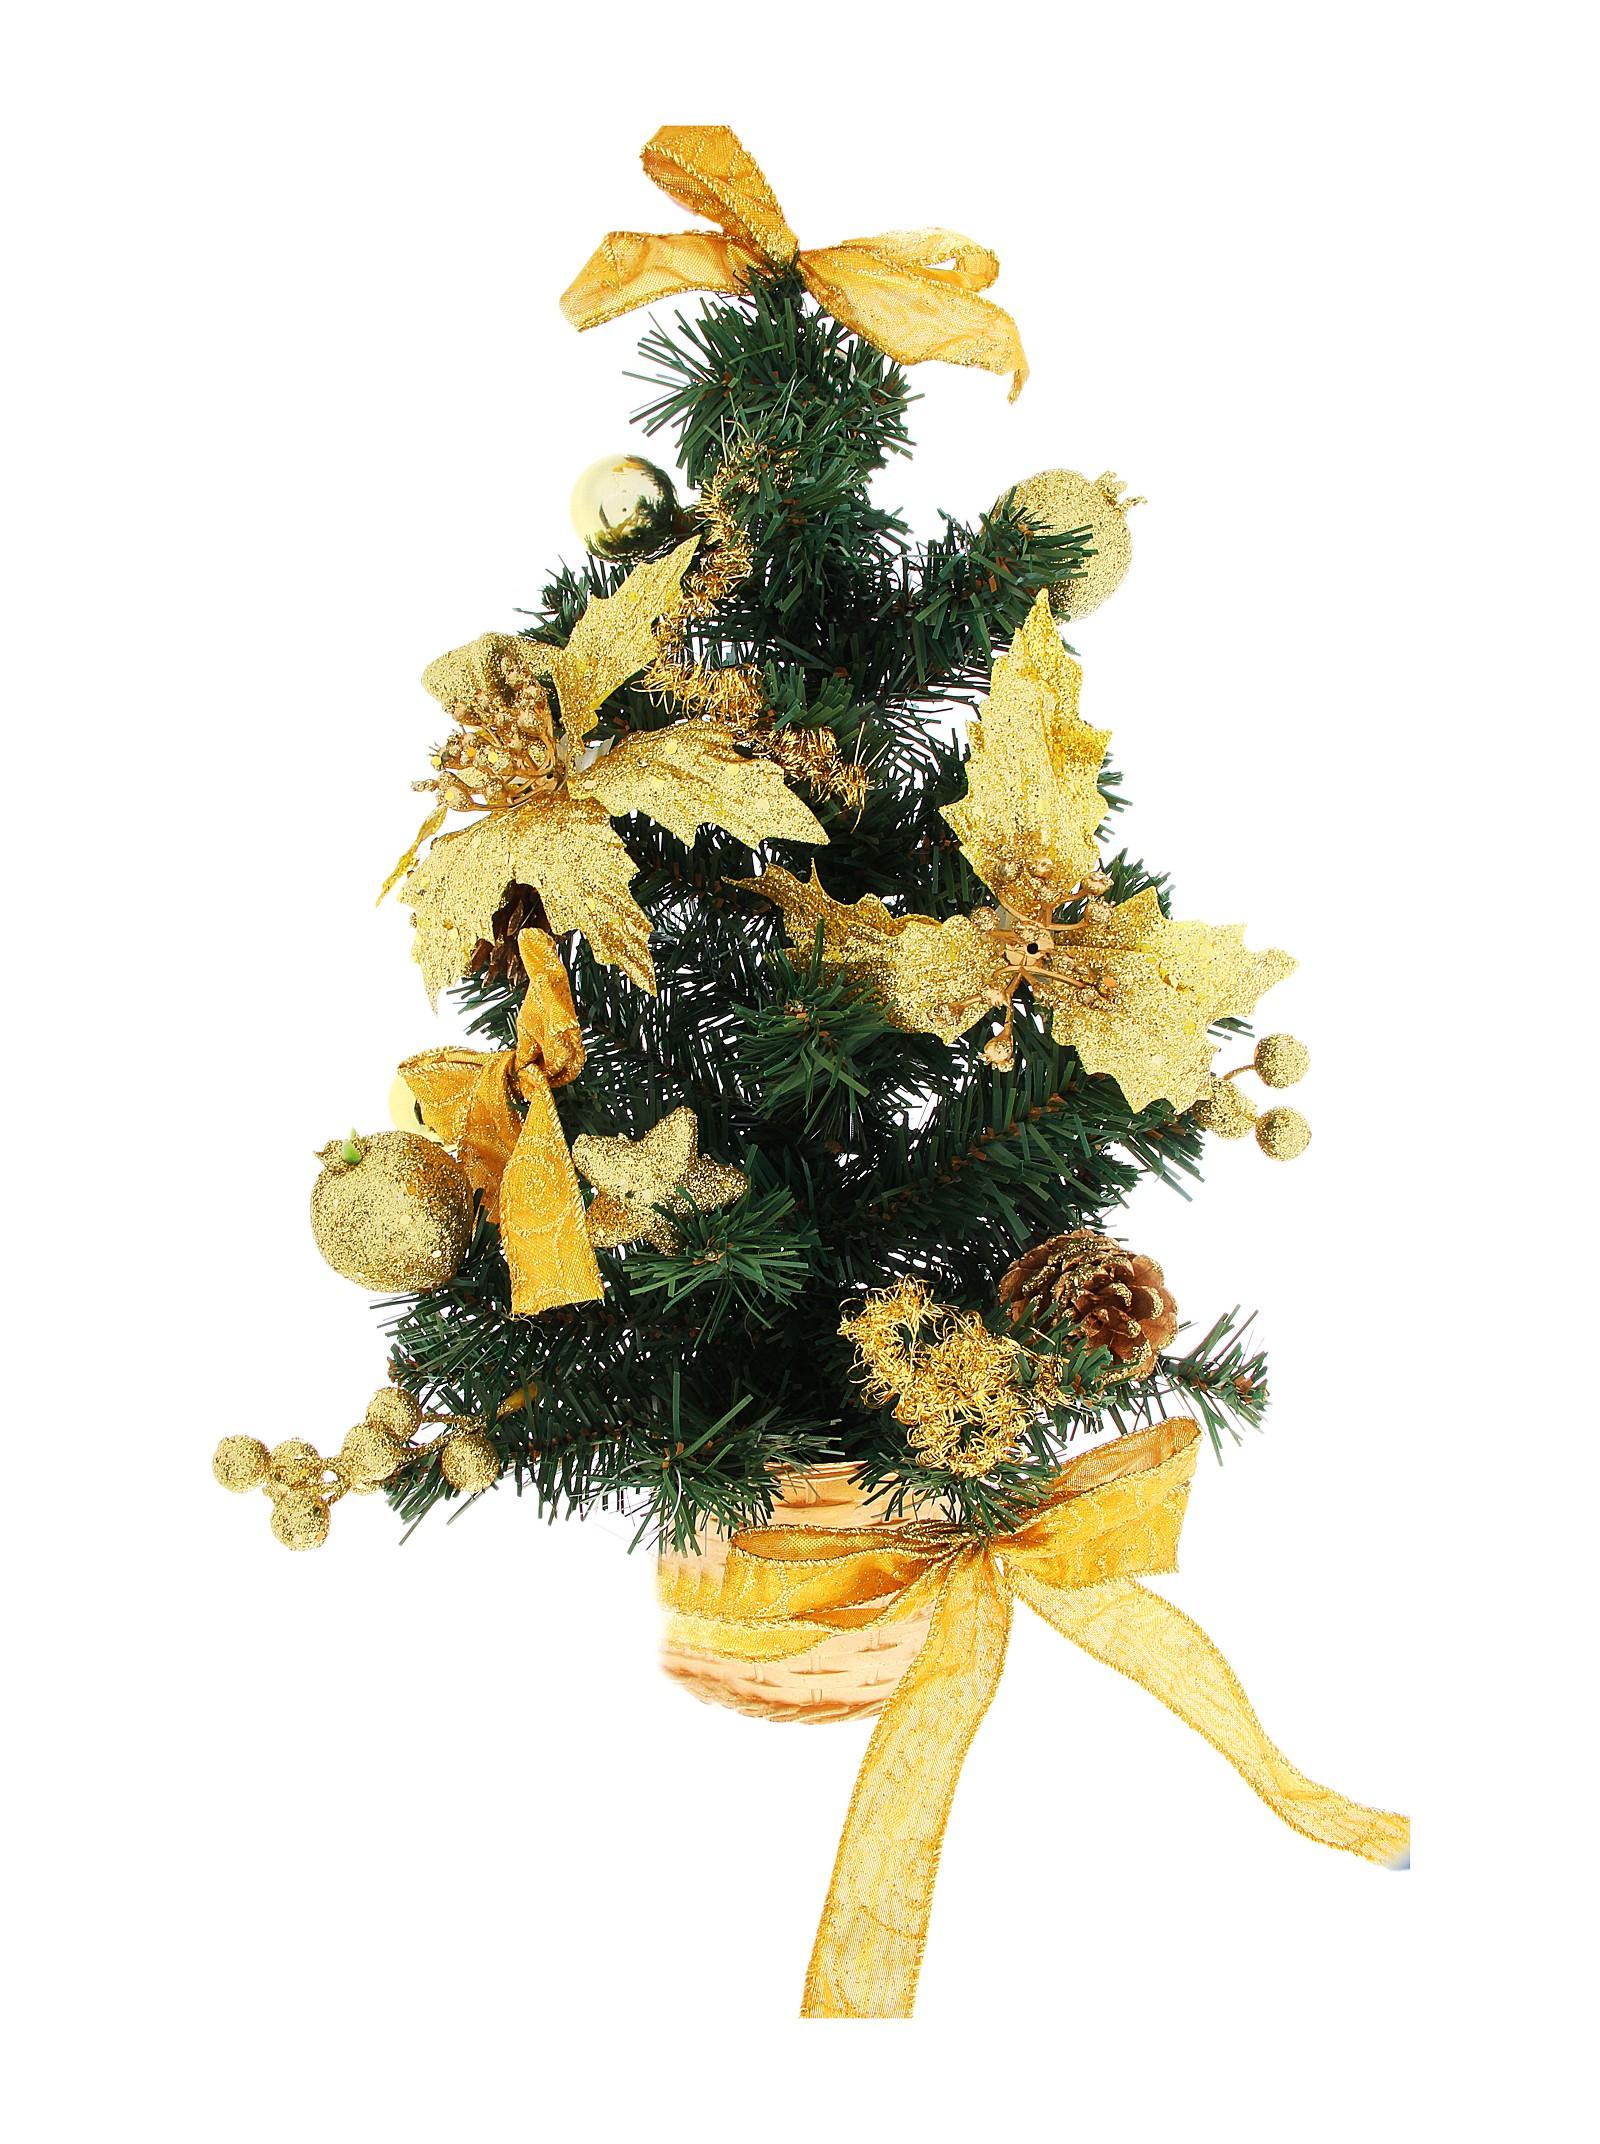 Декоративное украшение Новогодняя елочка. 717986BH0429_белыйОригинальный дизайн новогодней елки притягивает к себе восторженные взгляды. Елка настенная украшена золотистыми шишками, блестящими лентами, ягодами, шариками и цветами. Елка украсит интерьер вашего дома или офиса к Новому году и создаст теплую и уютную атмосферу праздника.Откройте для себя удивительный мир сказок и грез. Почувствуйте волшебные минуты ожидания праздника, создайте новогоднее настроение вашим дорогим и близким. Характеристики: Материал:пластик. Высота елки:45 см. Изготовитель:Китай. Артикул:717986.